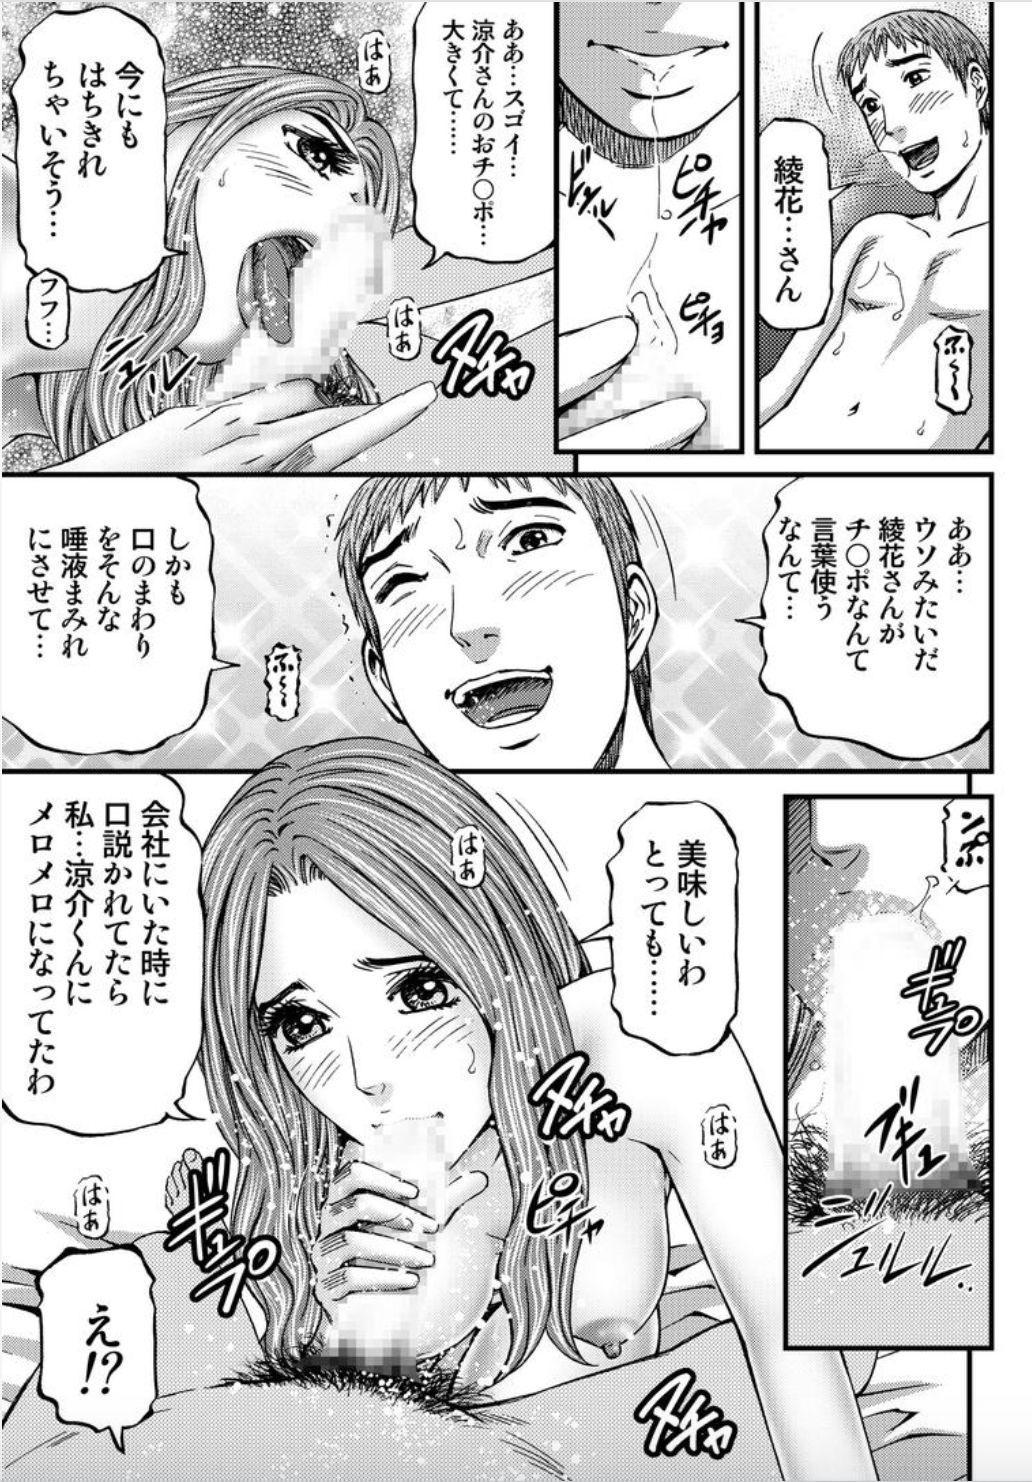 Onna-tachi ga Iku Toki... Ero Drama Vol. 4 Seiya 8